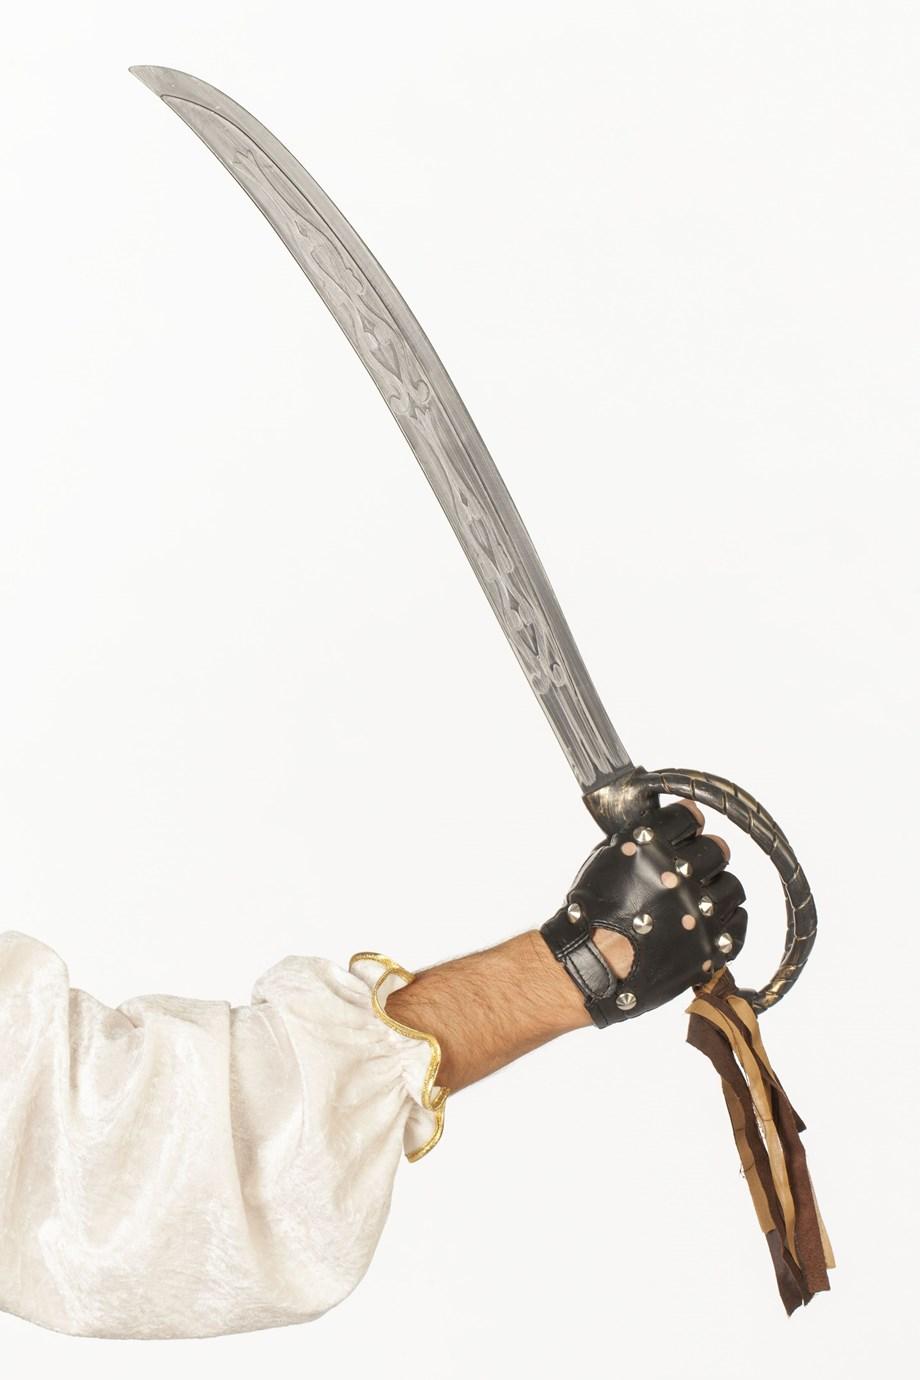 Piratenzwaard caribbean pirate (70 cm)